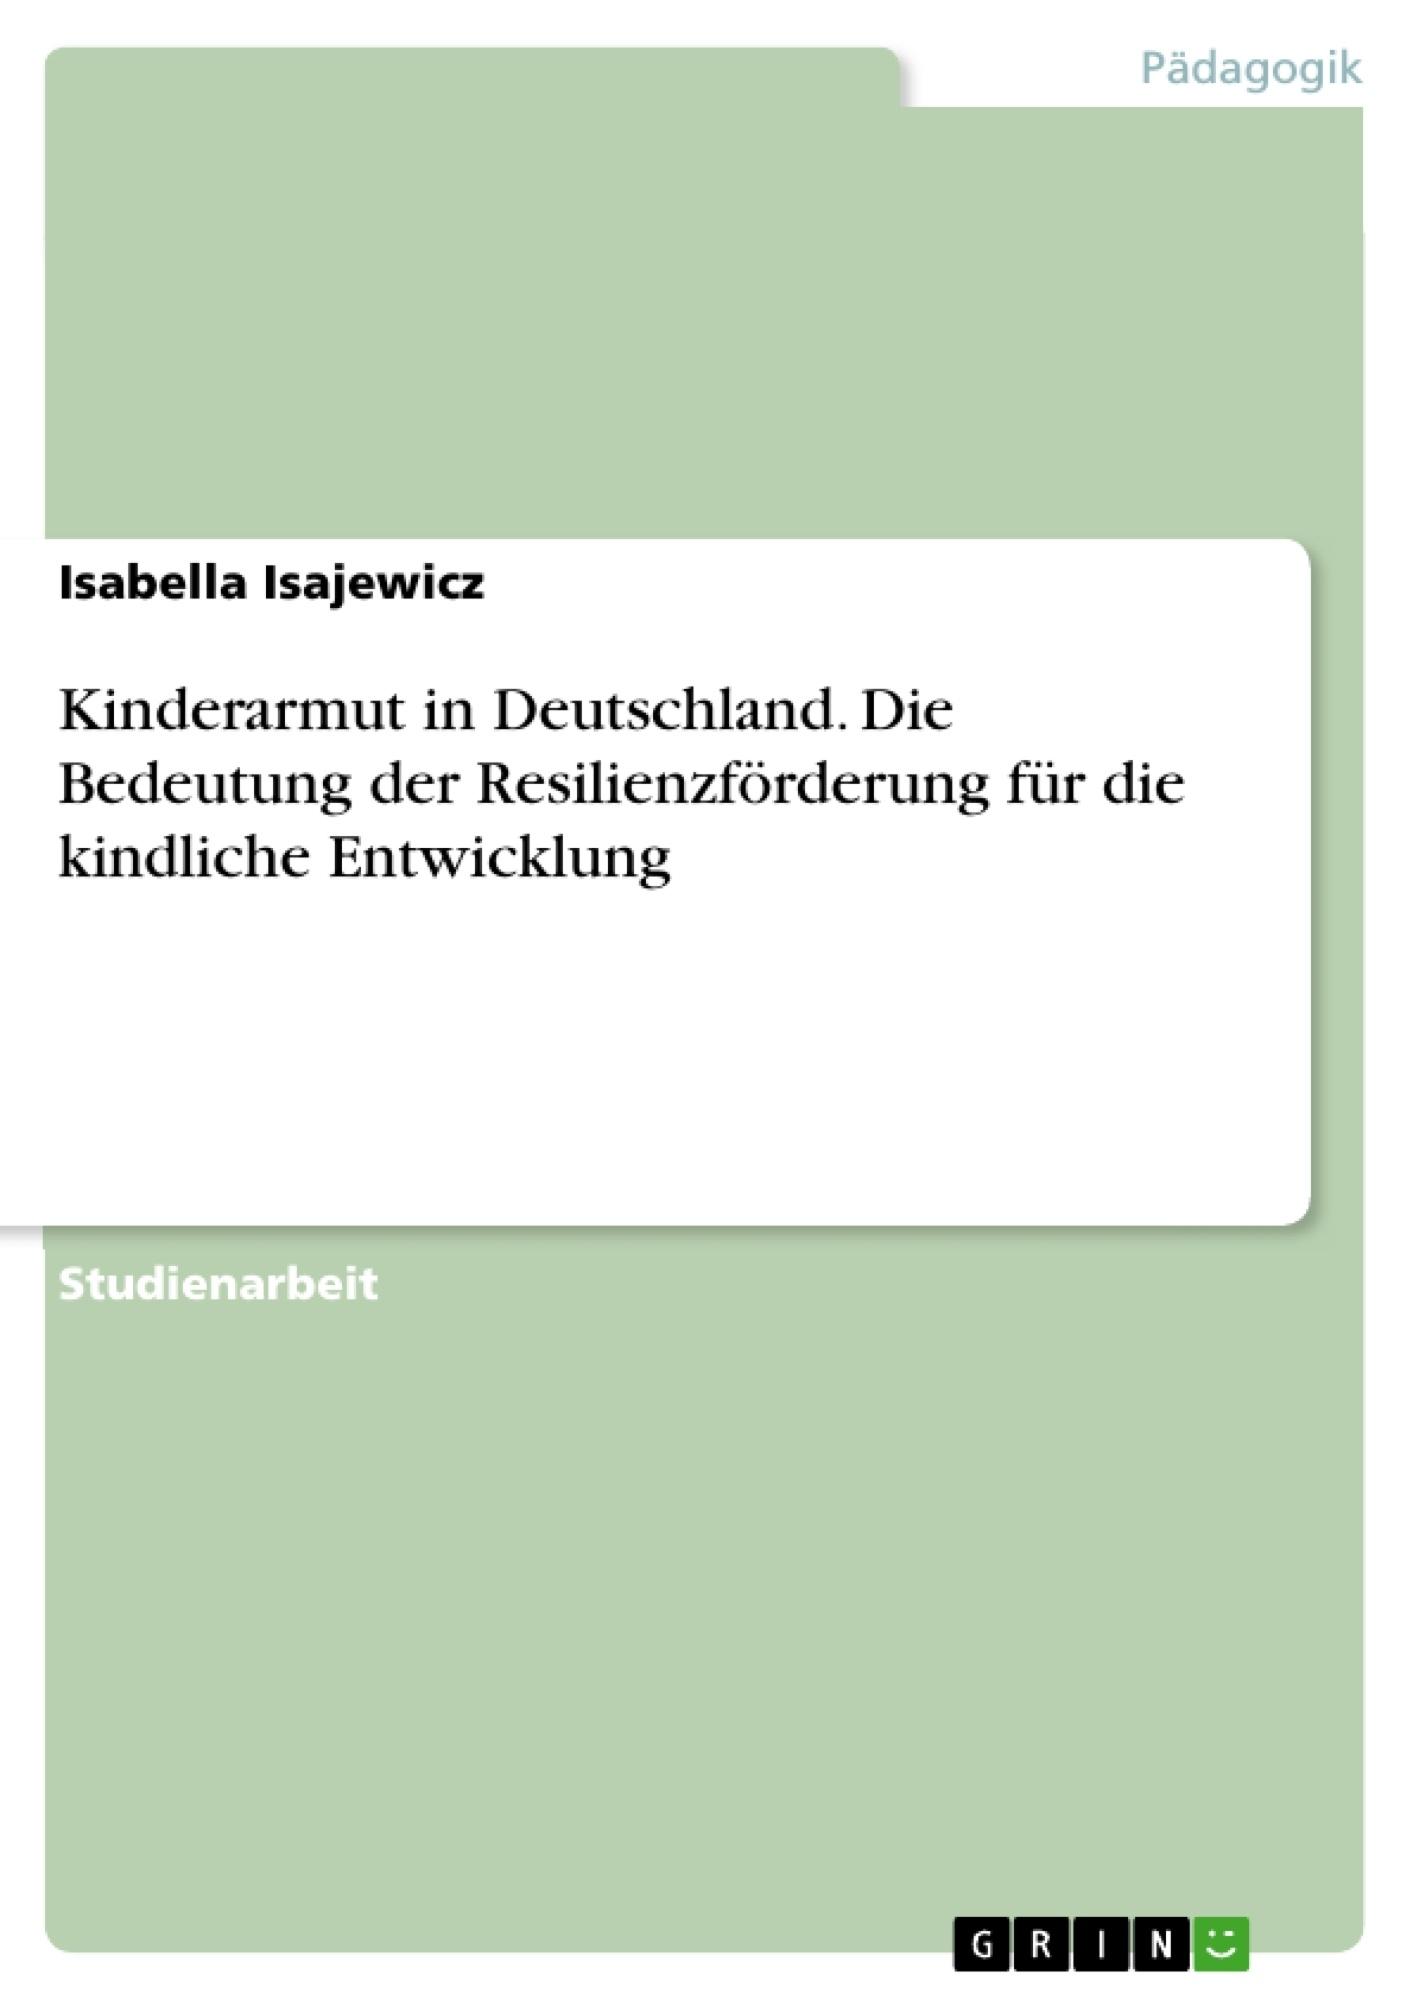 Titel: Kinderarmut in Deutschland. Die Bedeutung der Resilienzförderung für die kindliche Entwicklung